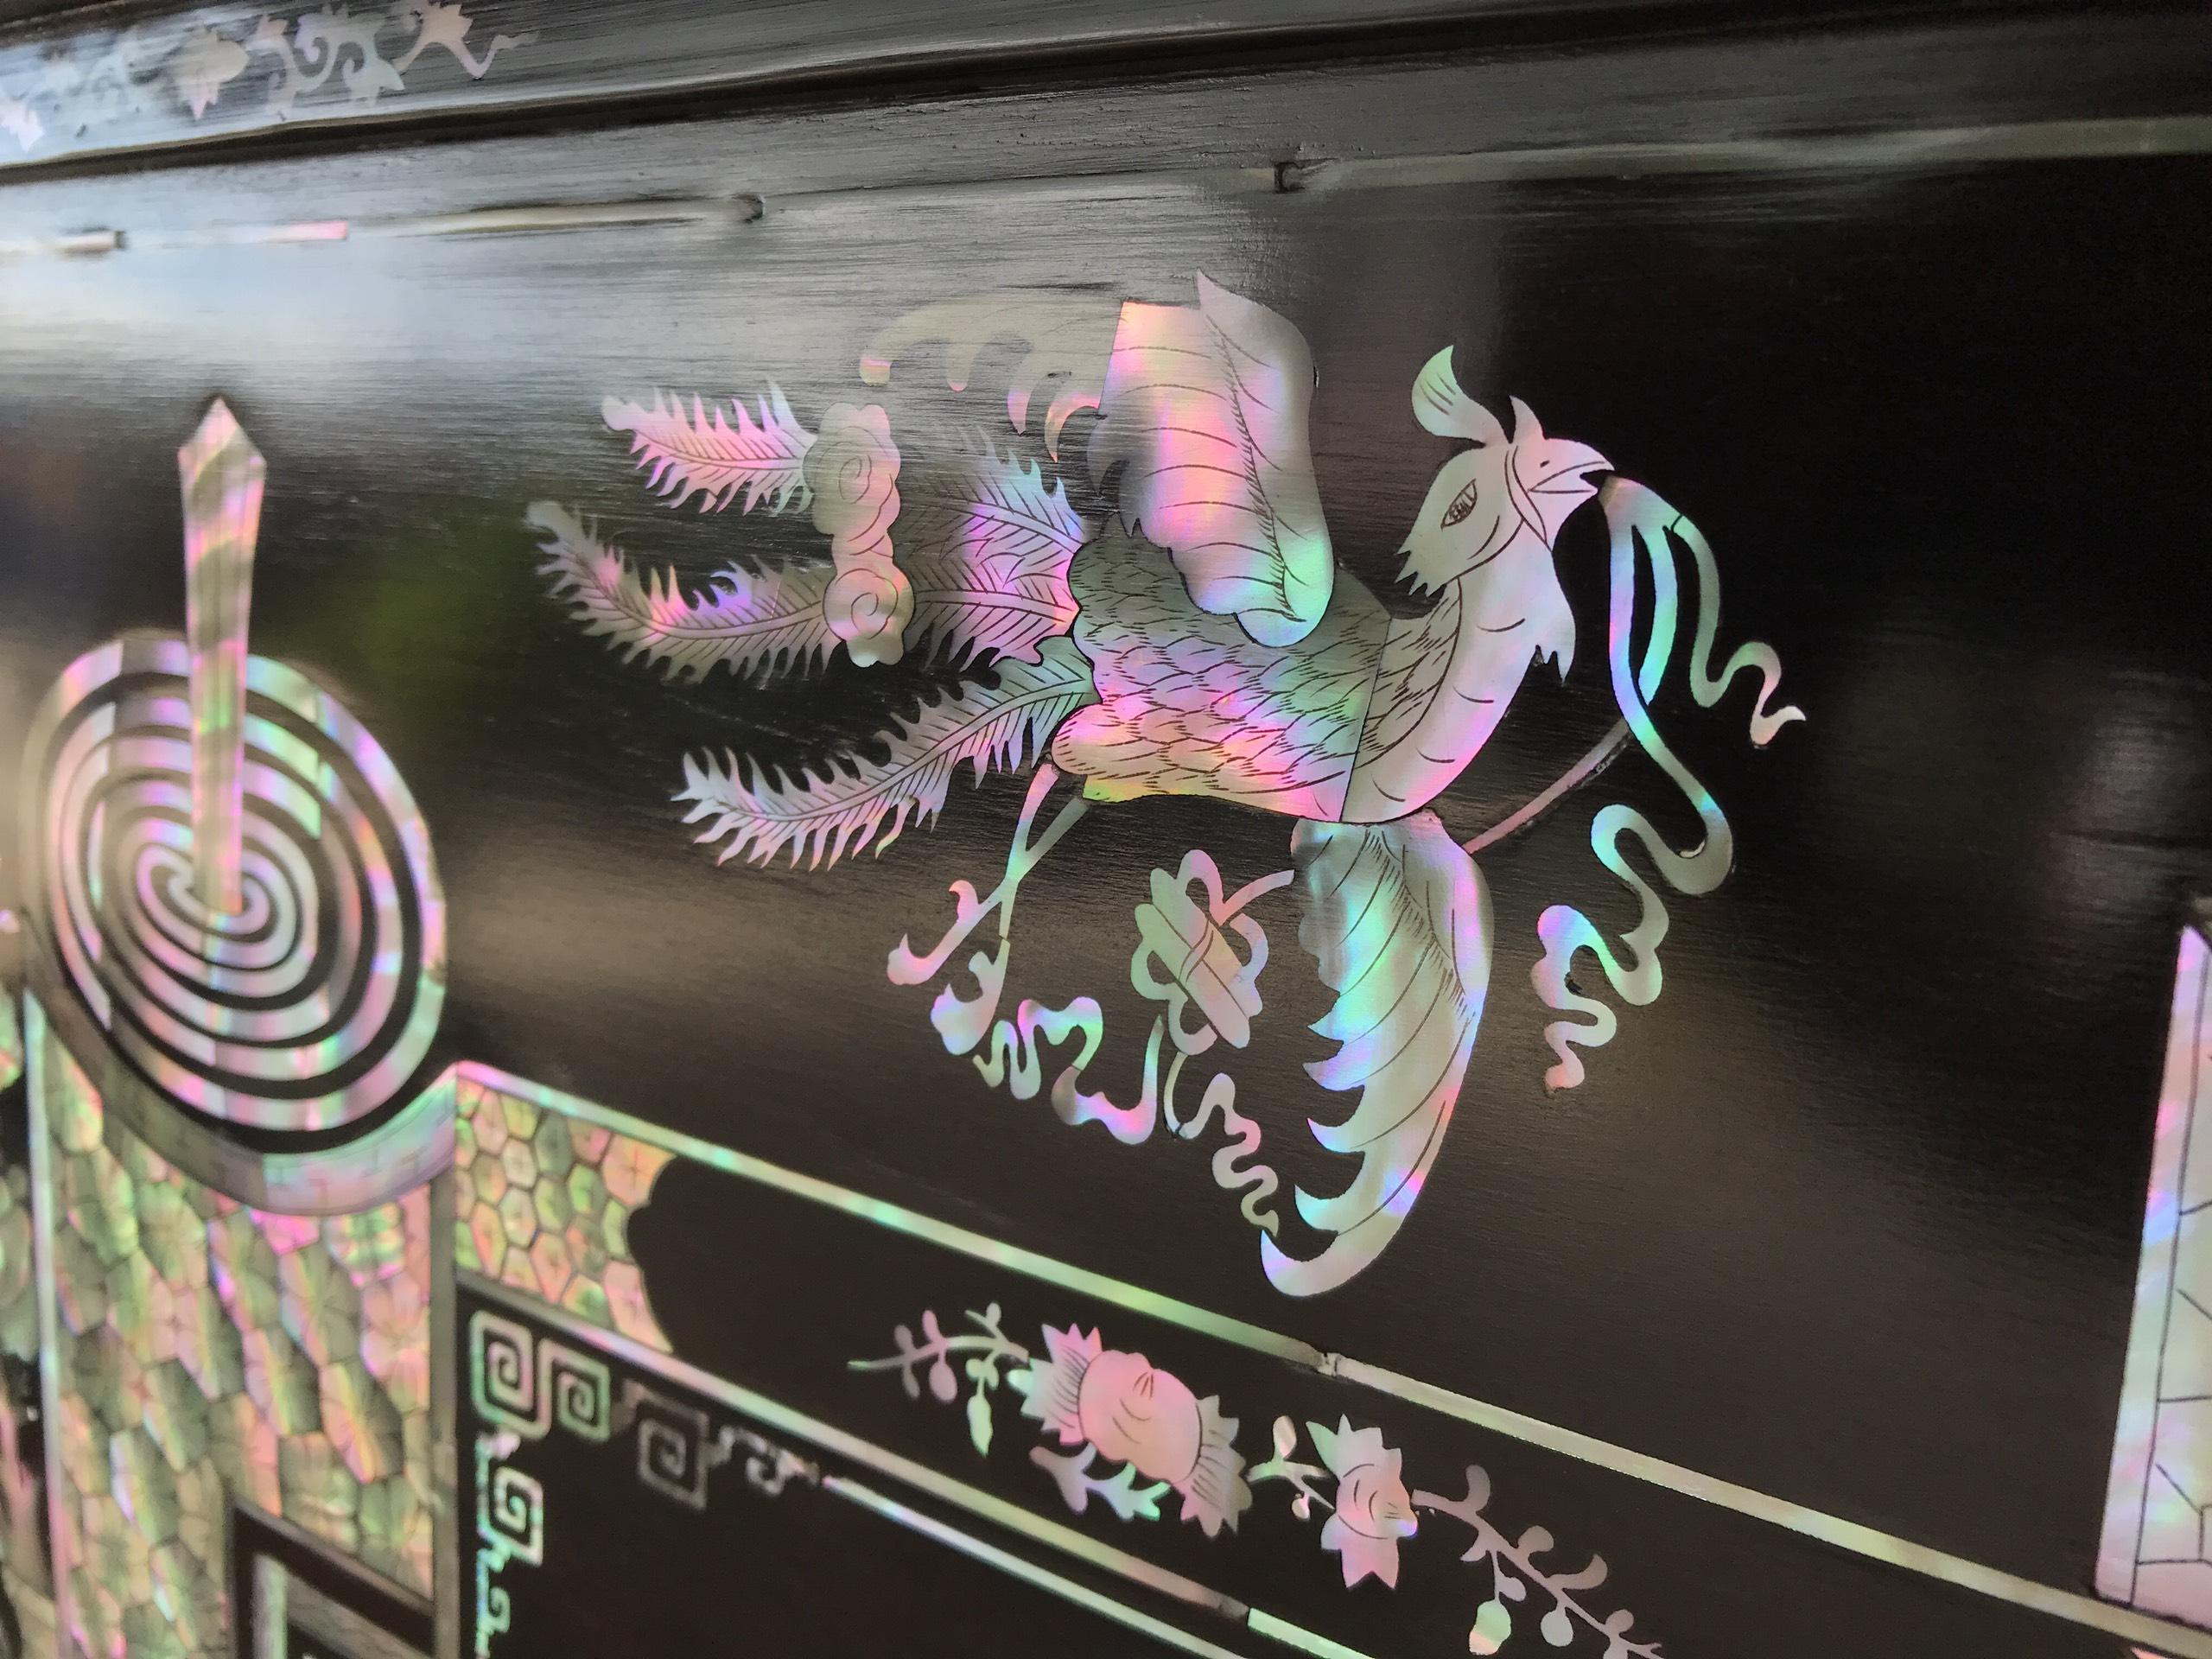 Tranh Khảm Đức Lưu Quang 7 - Tranh Khảm Đức Lưu Quang MS: 09